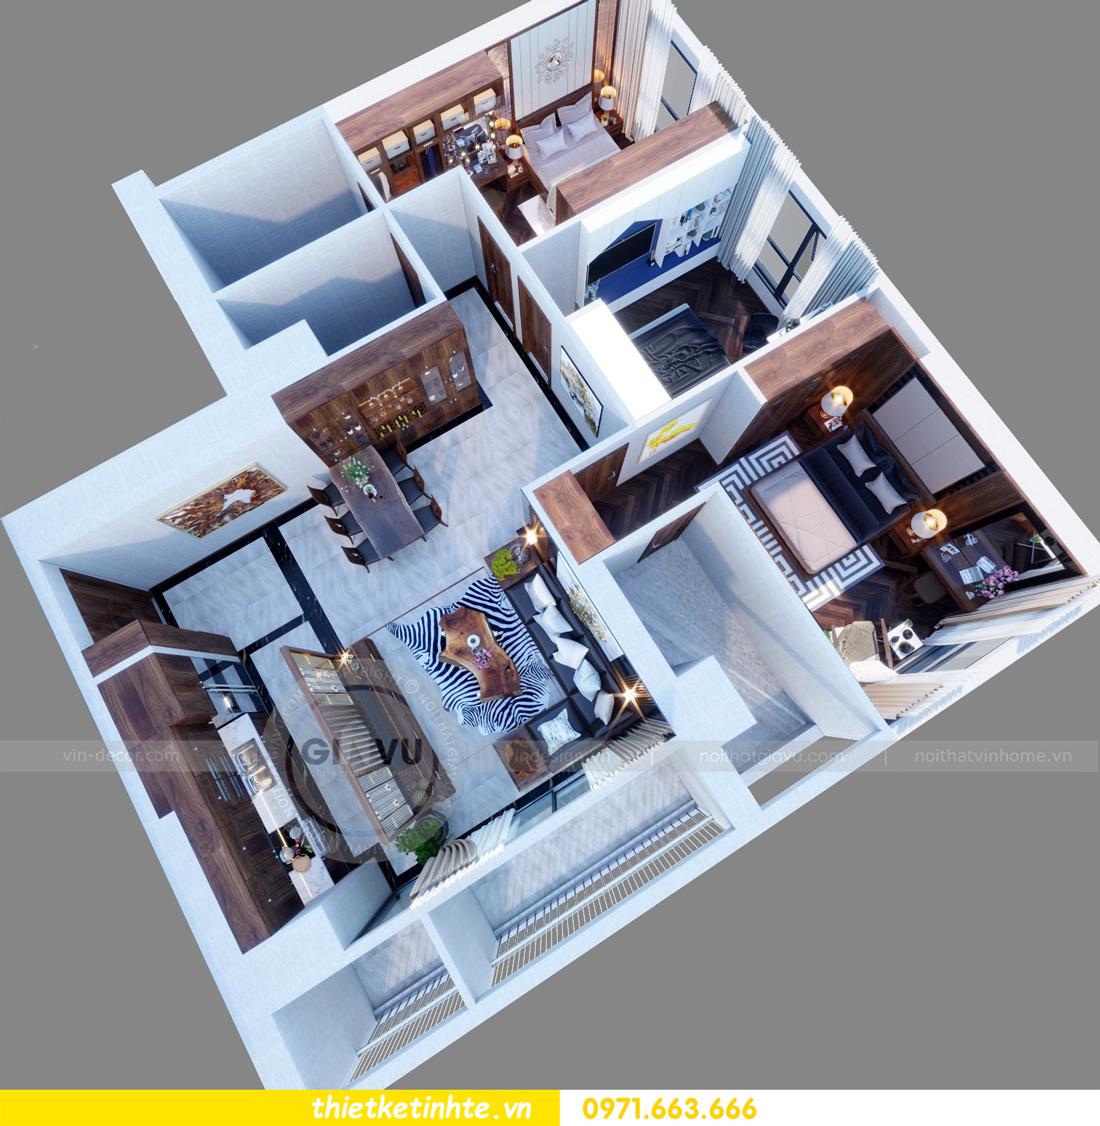 thiết kế nội thất chung cư Metropolis căn 01 tòa M1 01